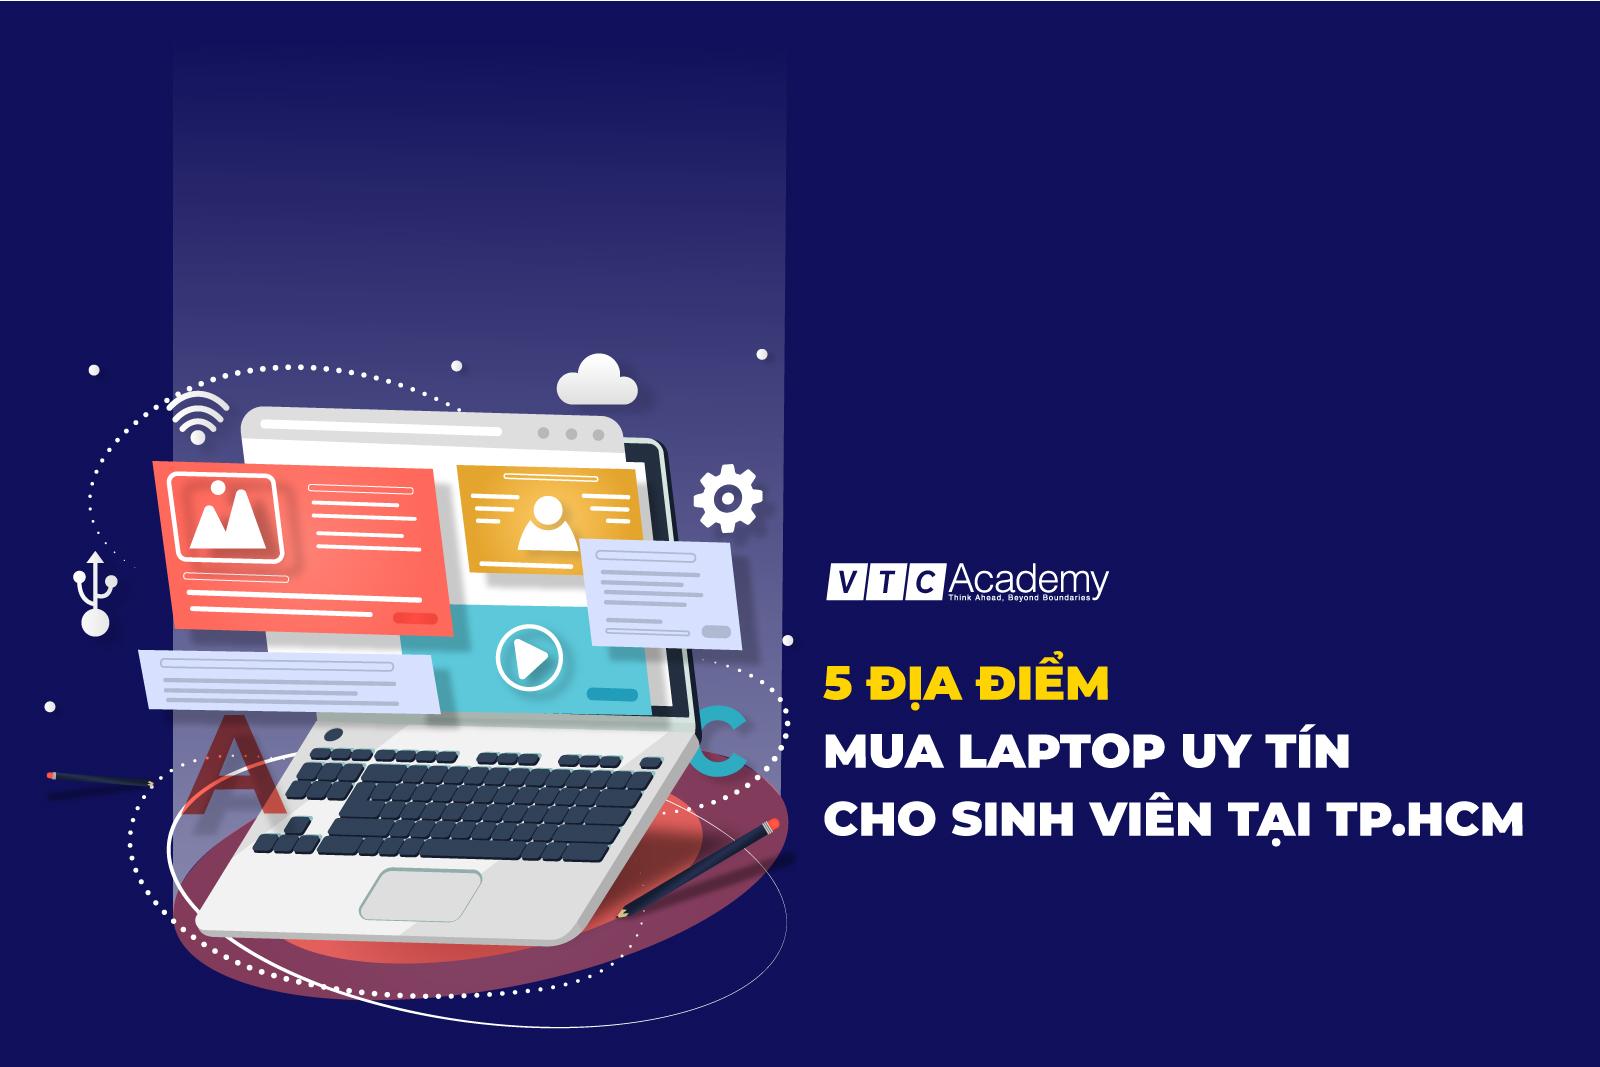 5 địa điểm mua laptop uy tín cho sinh viên tại TP.HCM